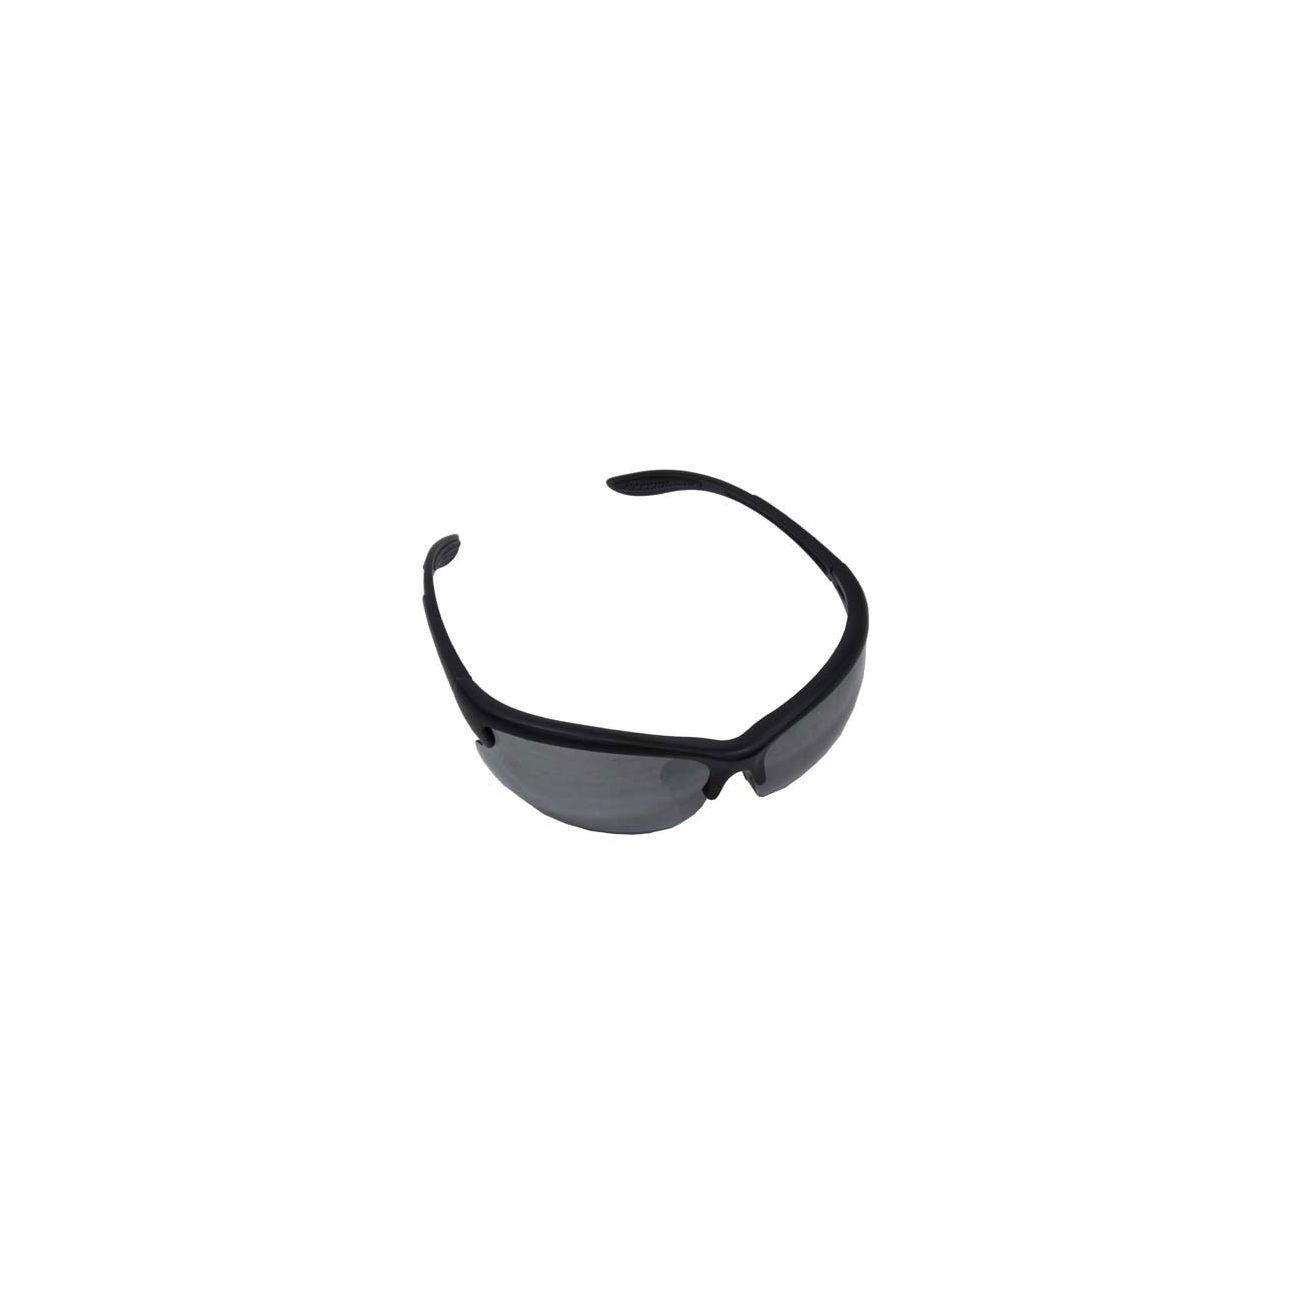 MFH Sonnenbrille Sportbrille Strike schwarz mit 3 Wechselgläsern